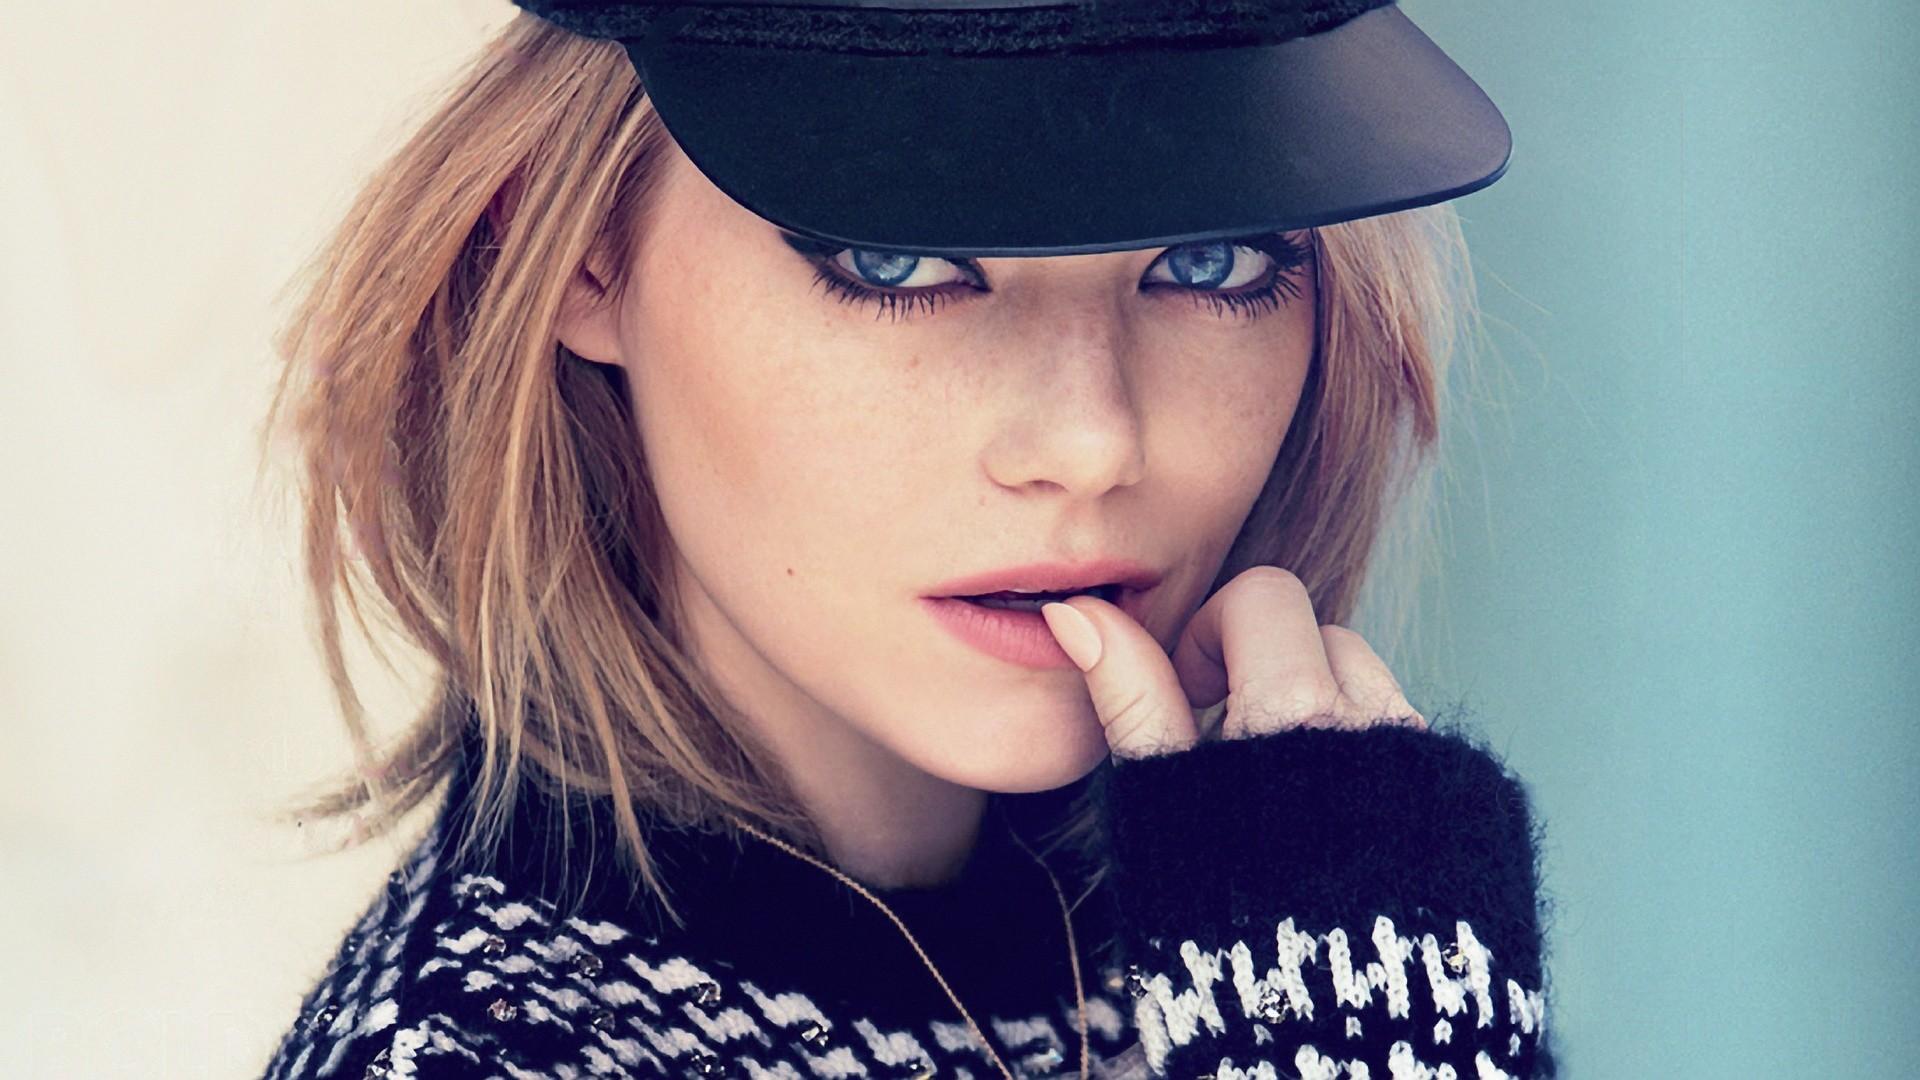 Emma Stone HD Full HD Wallpaper